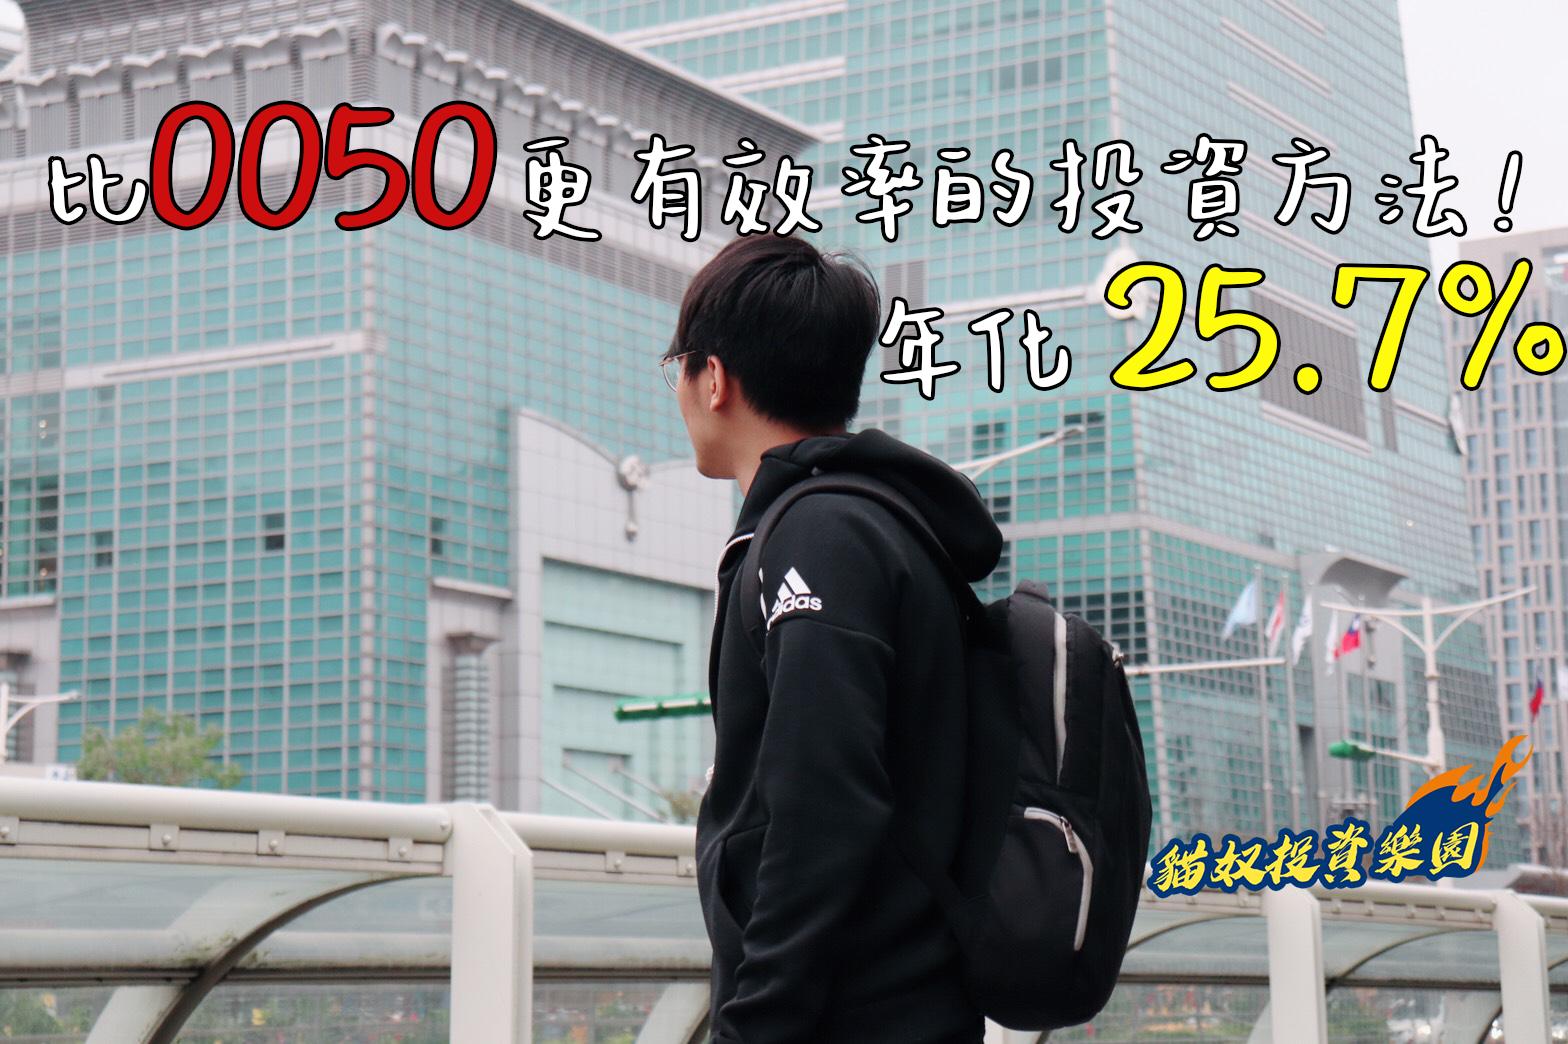 【進階實戰篇】比 元大台灣50(0050) 更有效率的投資方法,年化報酬率達 25.7%!